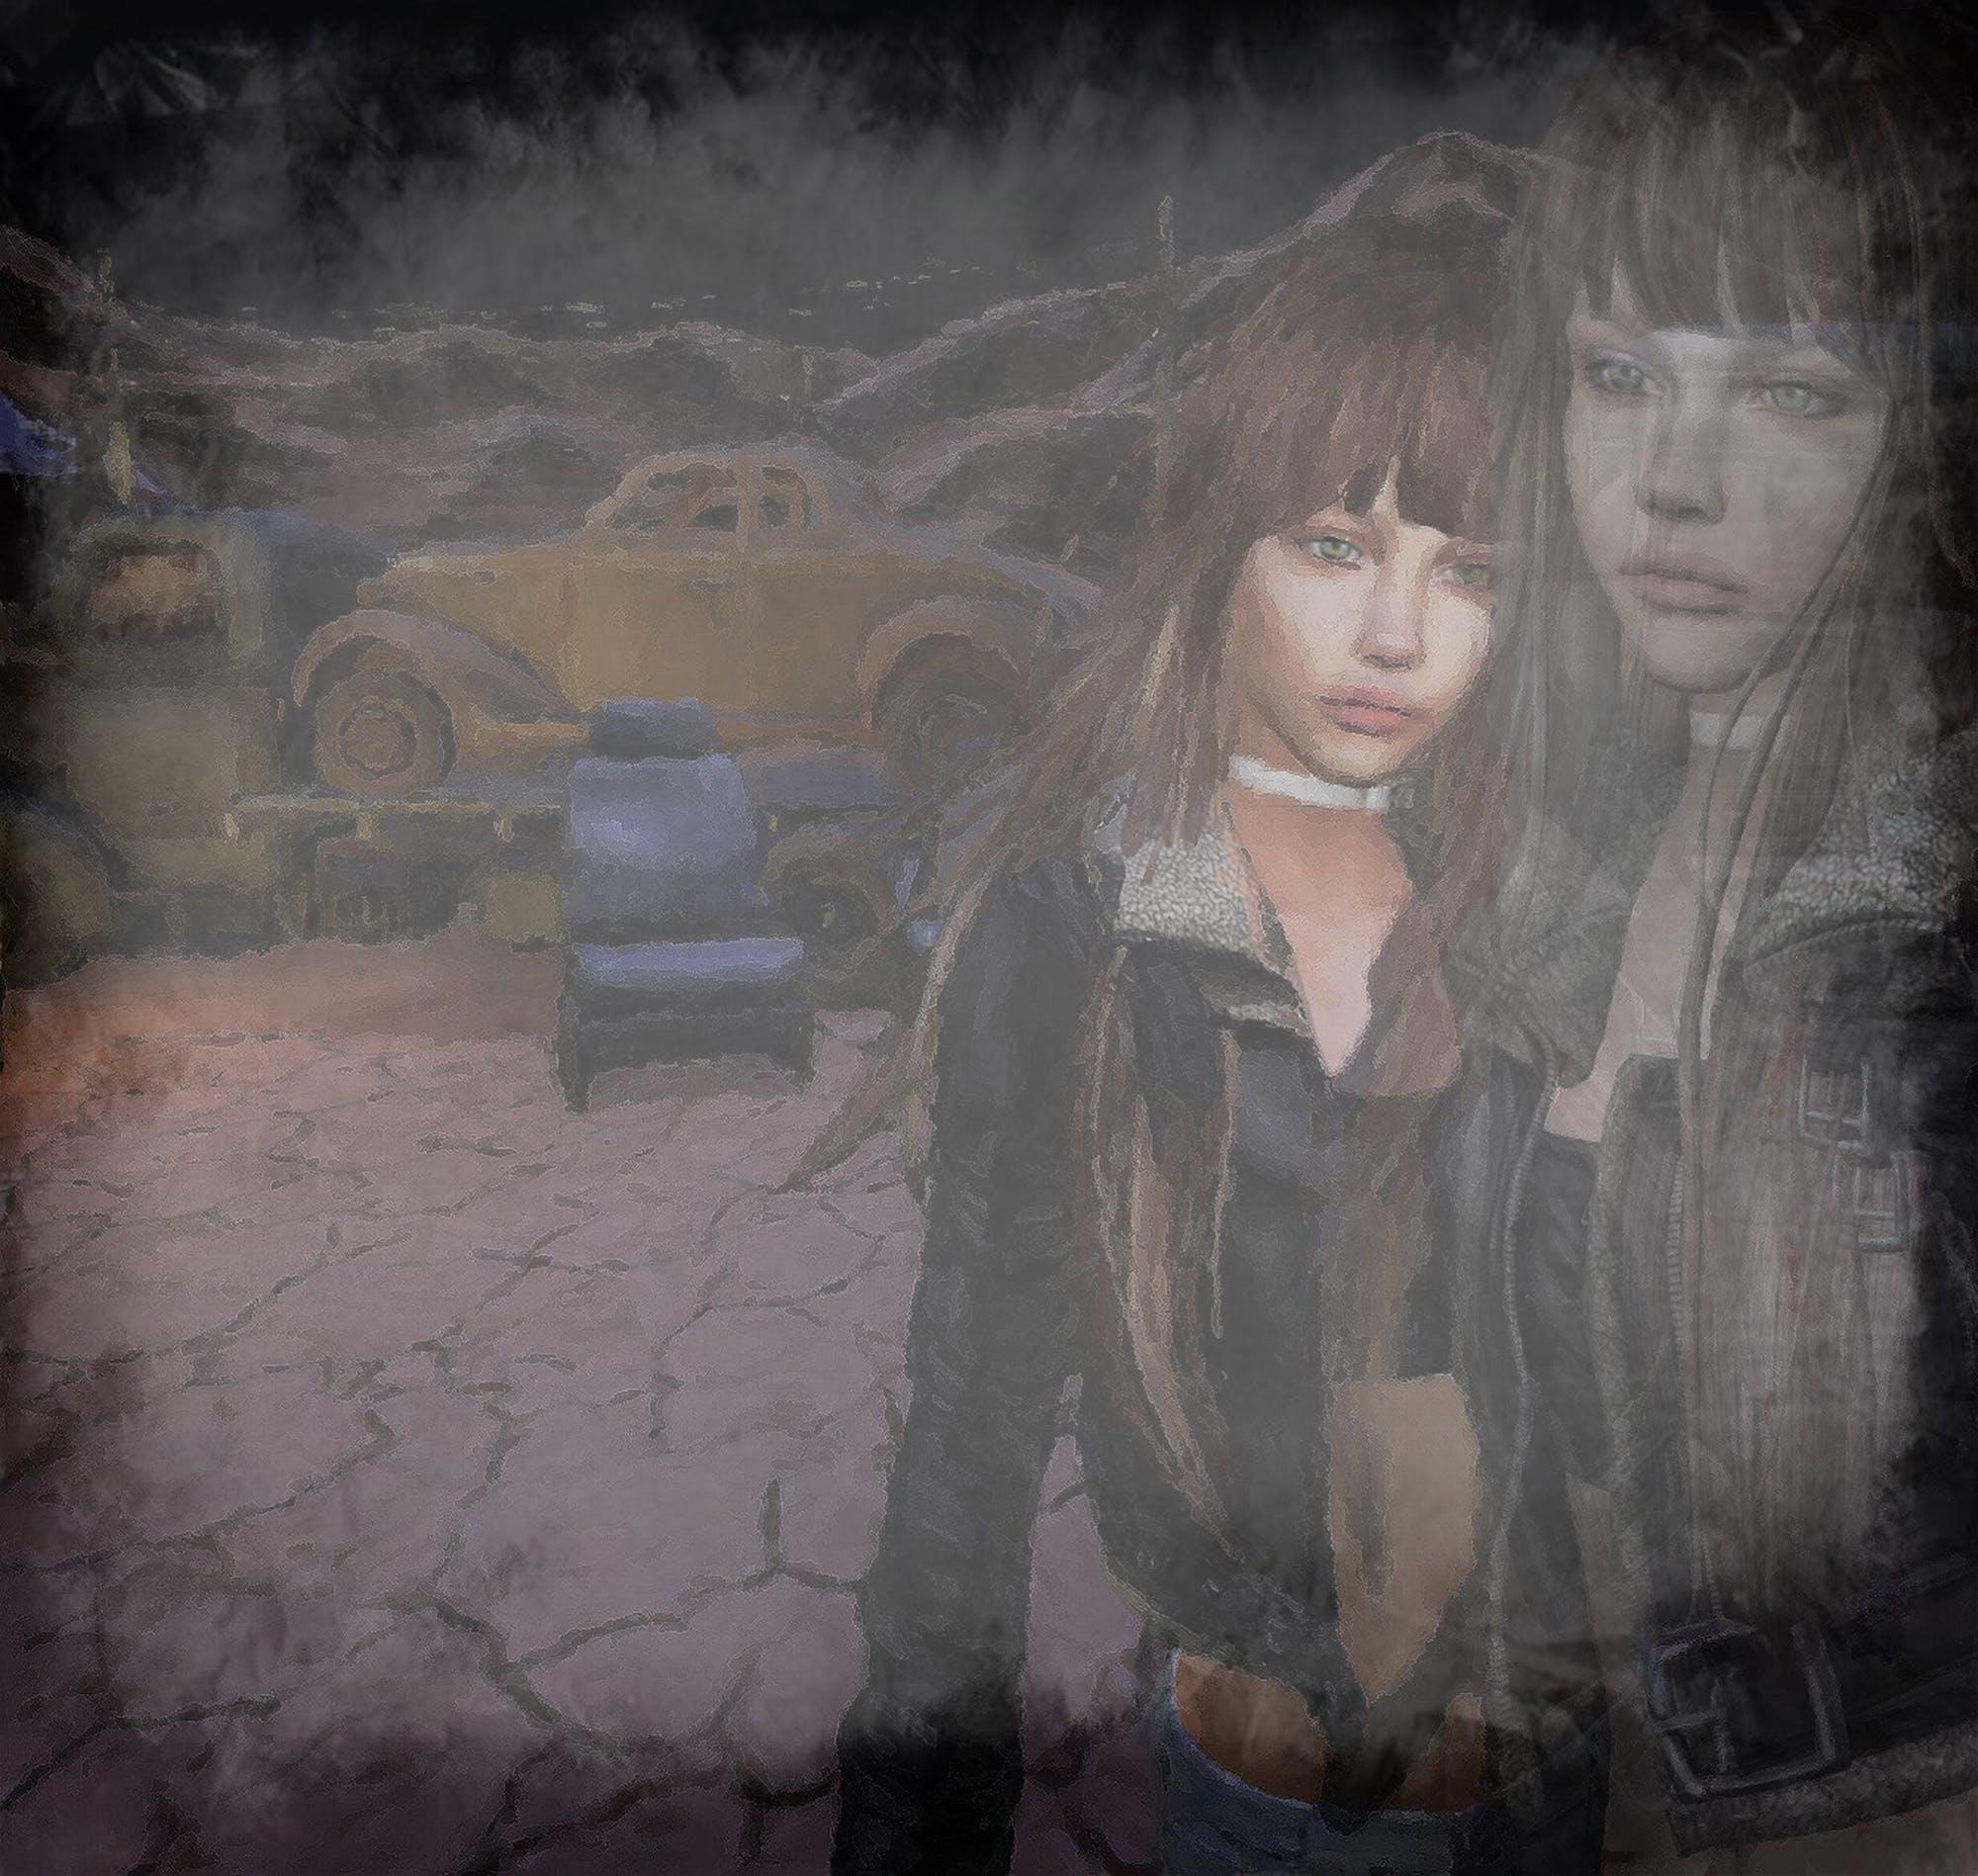 girl, junkyard